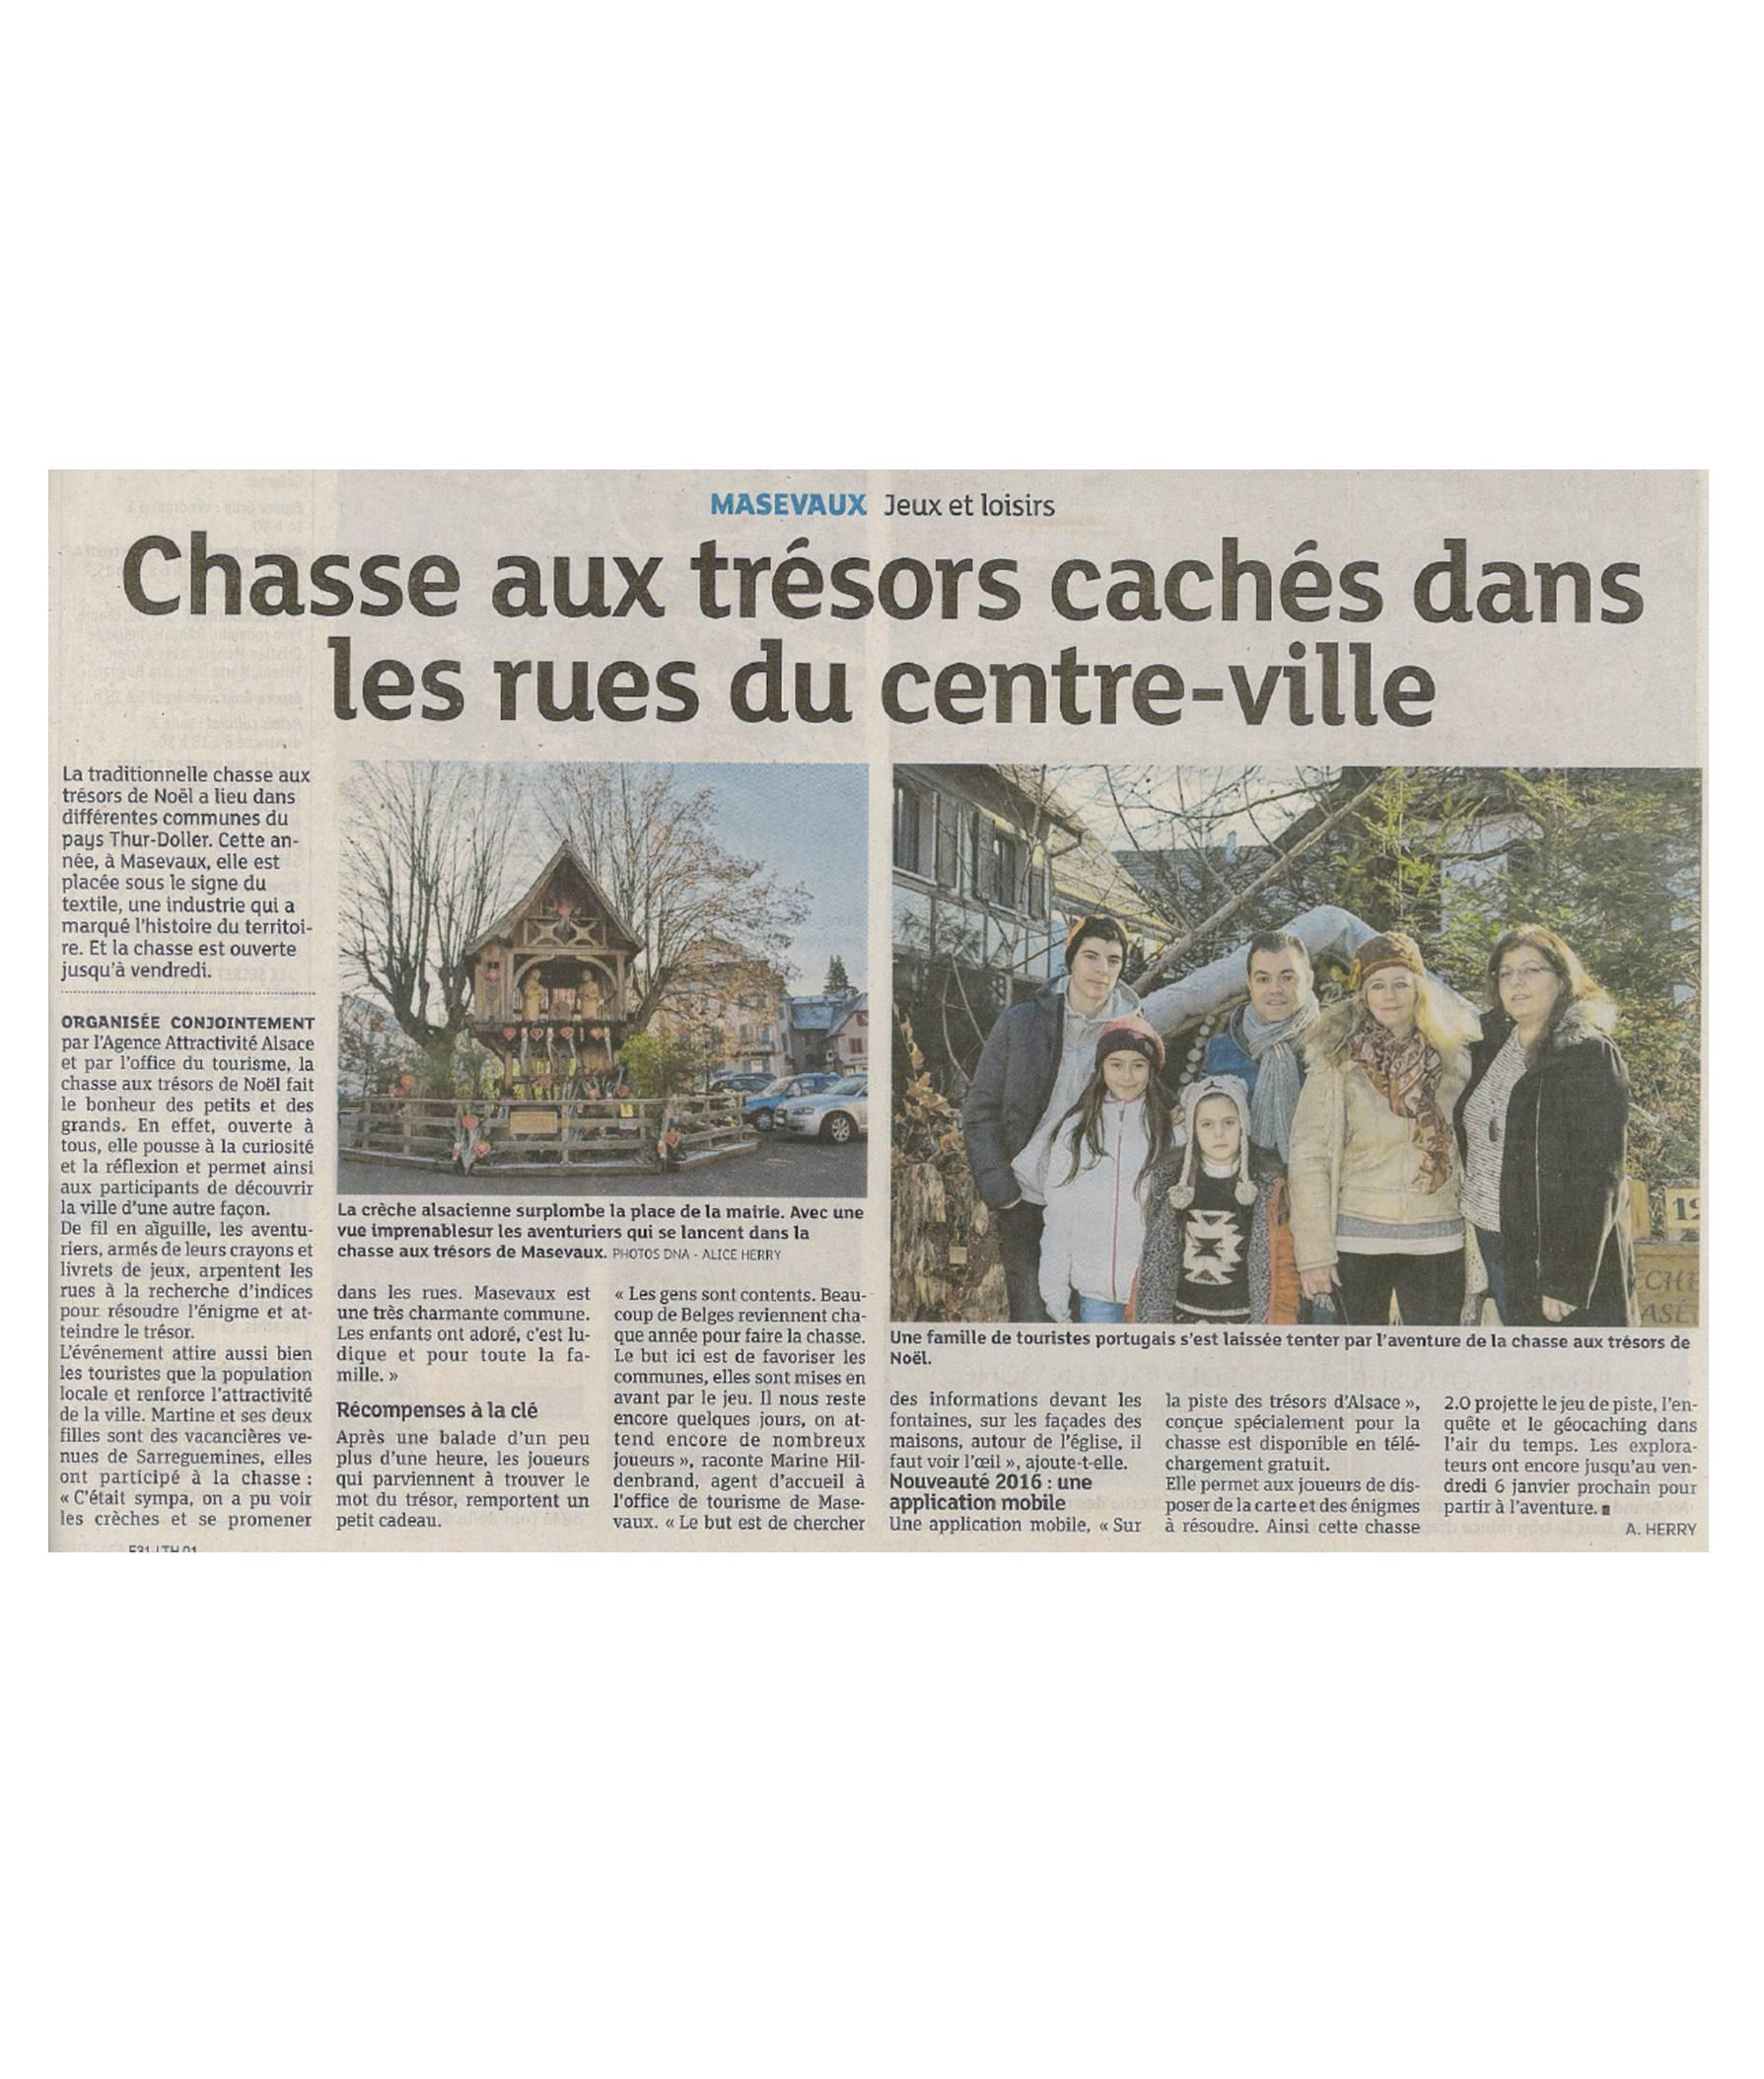 Chasse aux trésors cachés dans les rues du centre-ville - L'Alsace (05-01-2017) (1)